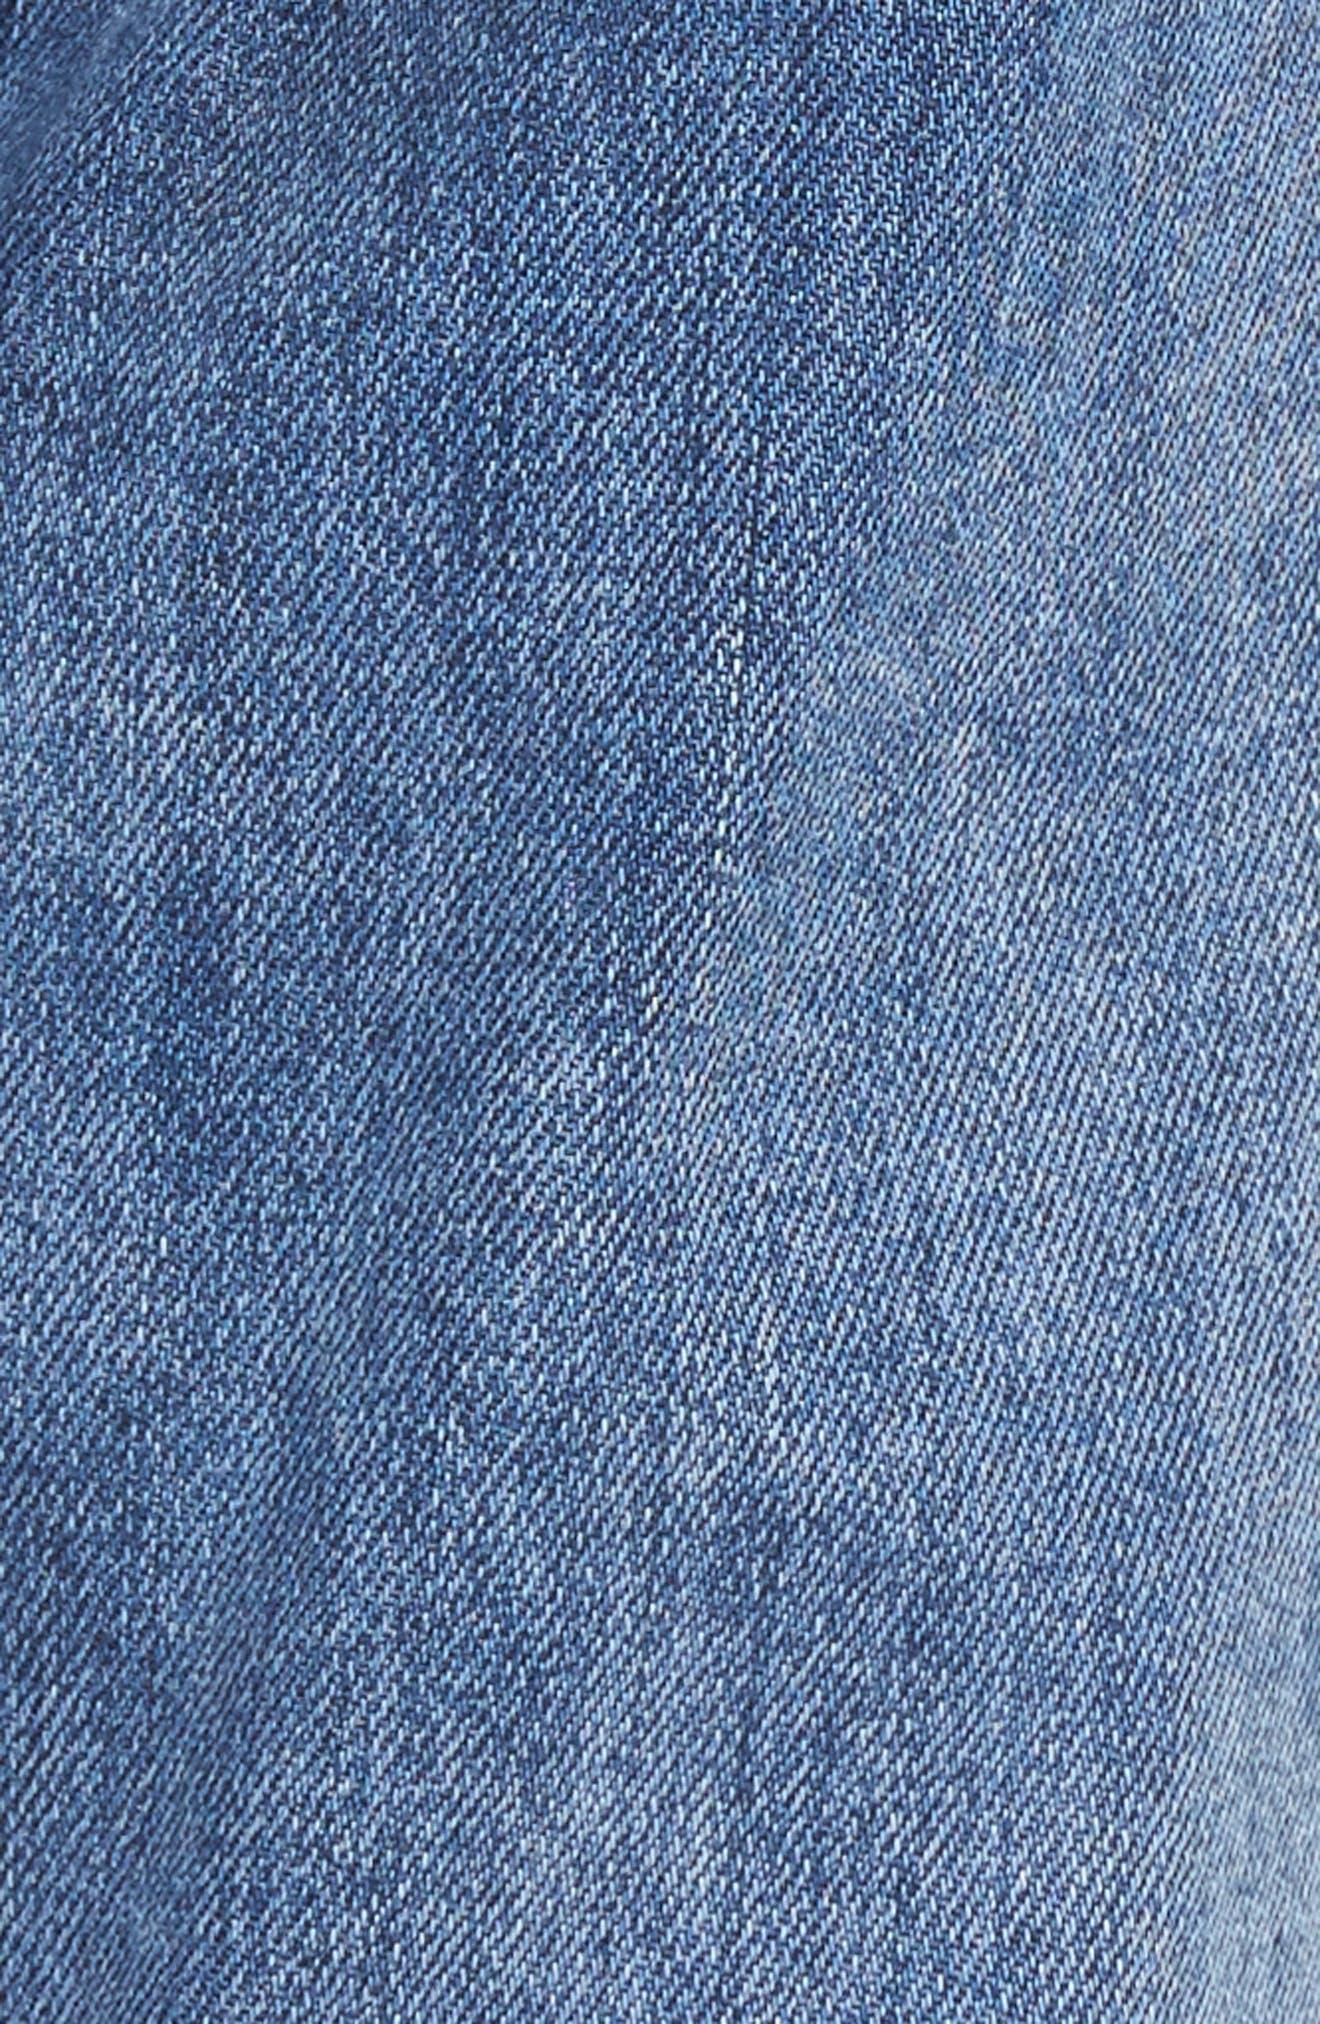 Alternate Image 5  - One Teaspoon Tuckers High Waist Straight Leg Jeans